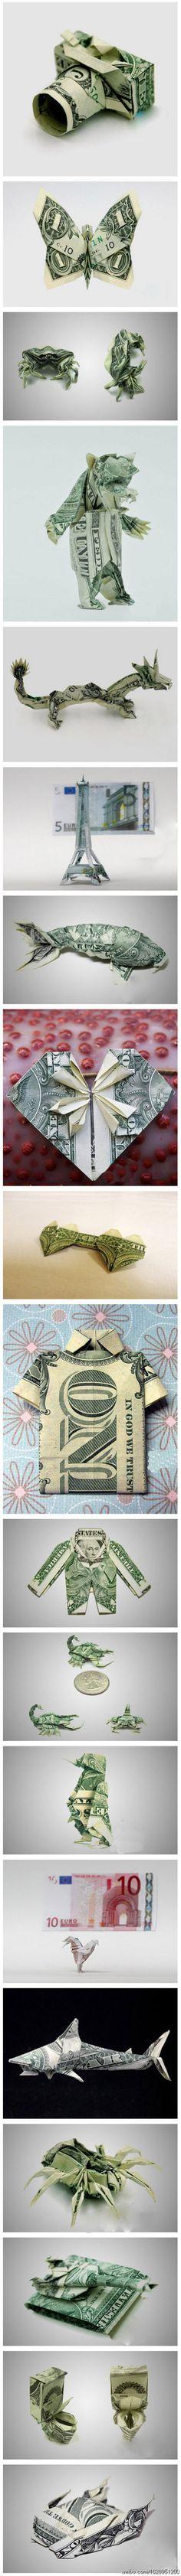 很牛掰的折纸